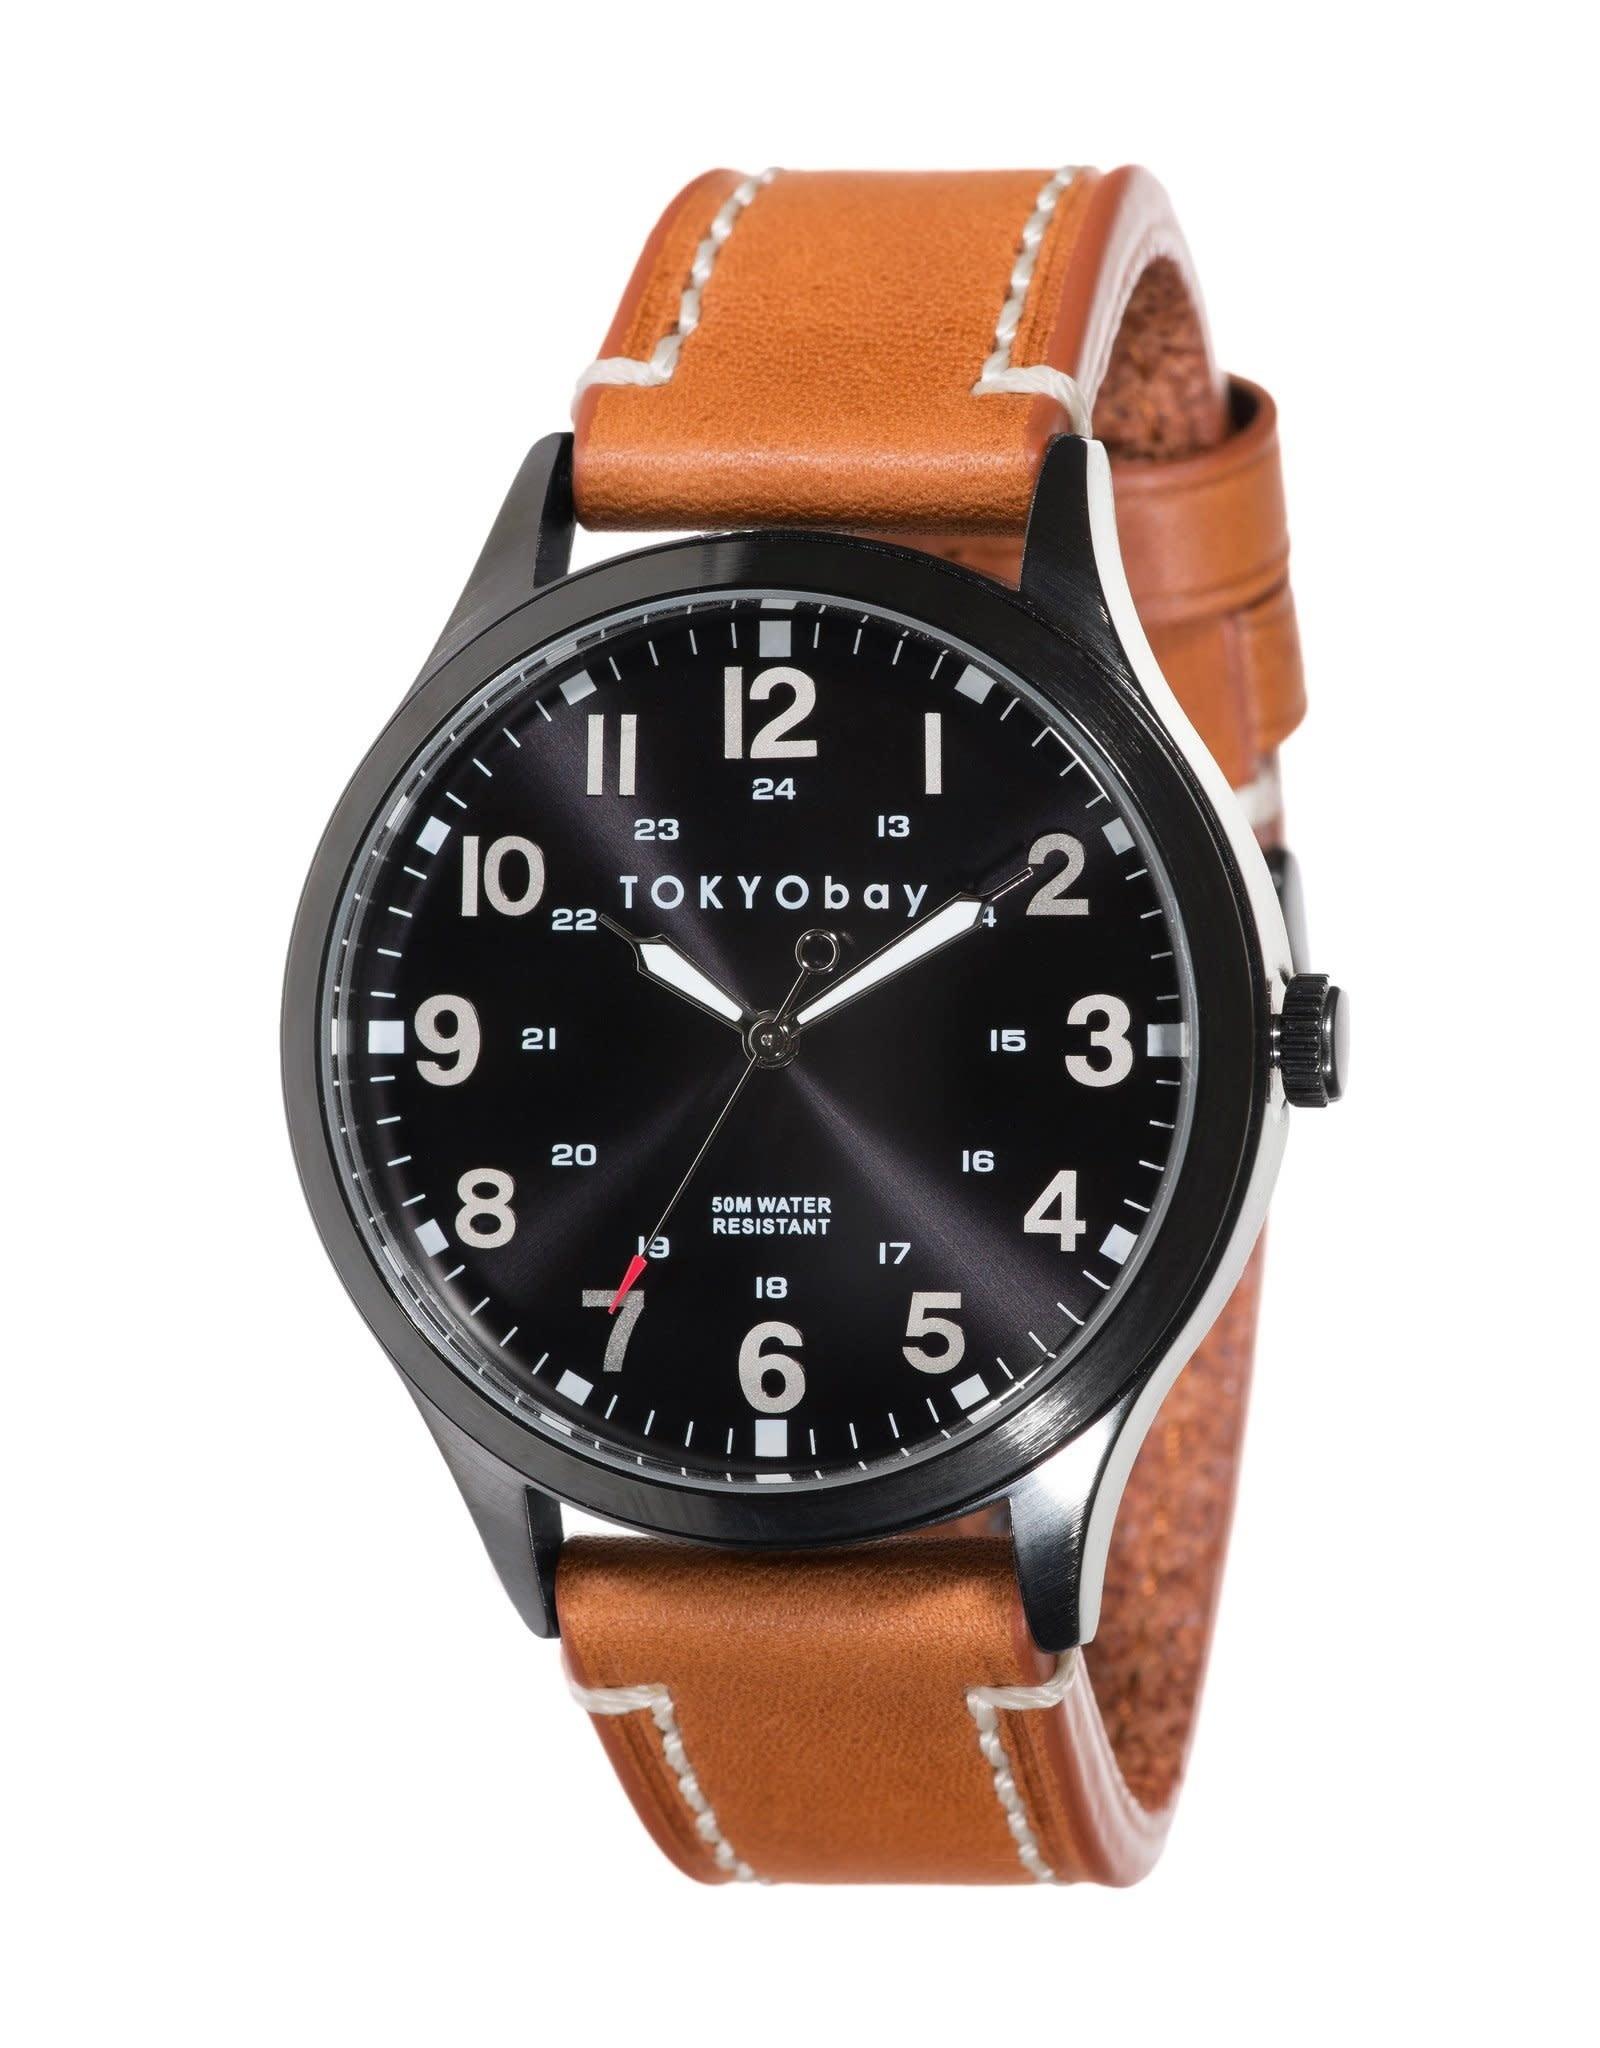 Mason Watch - Tan/Black